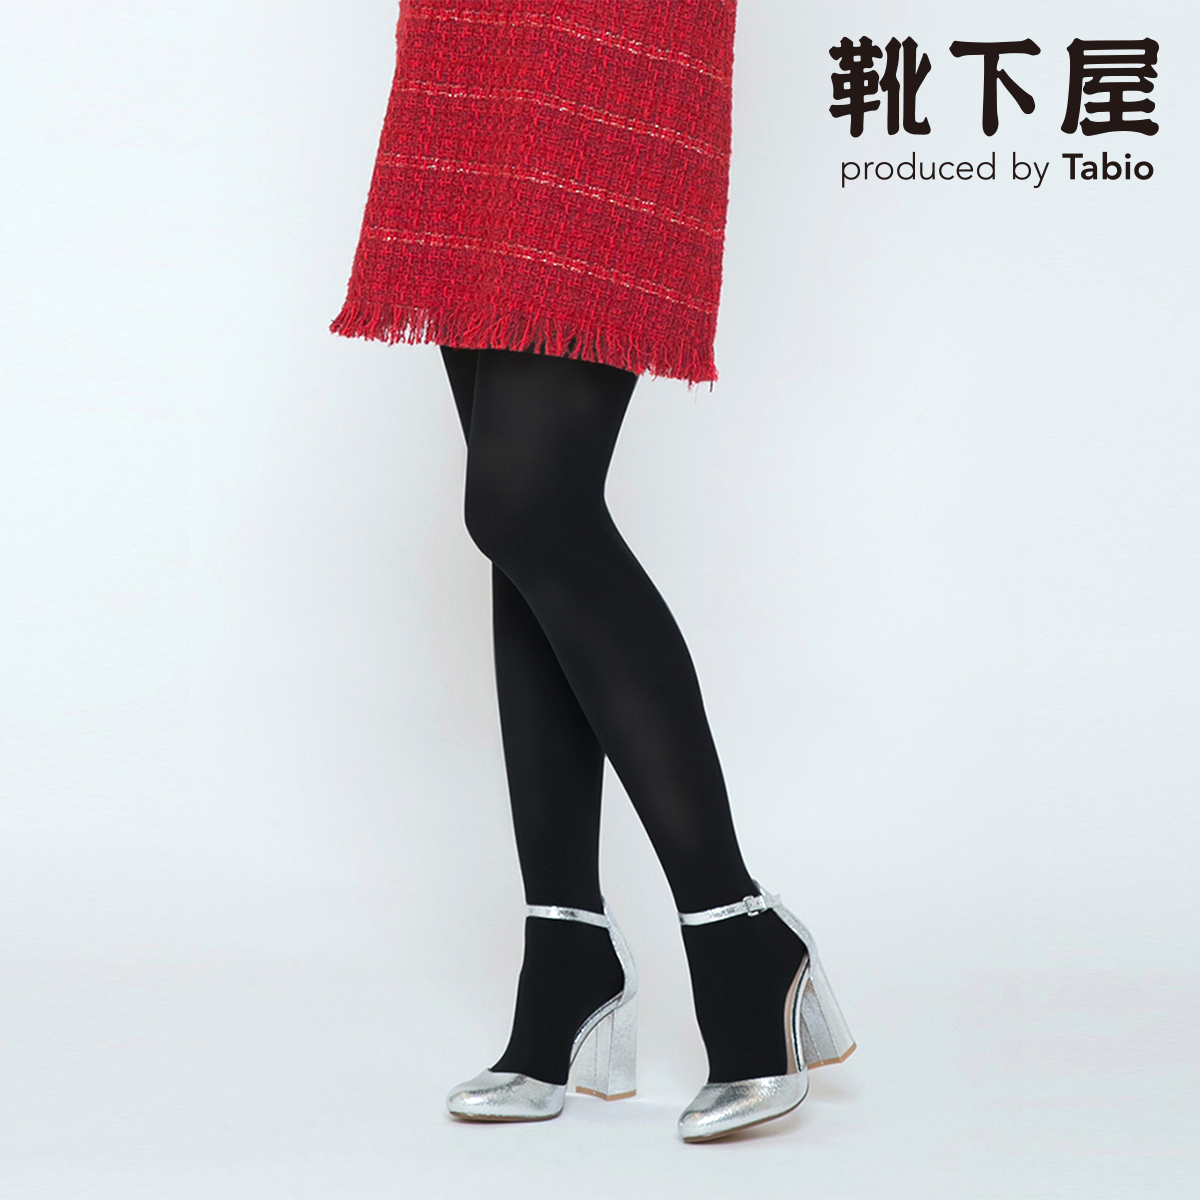 市場 靴下屋 プレミアム 60デニールタイツ TLサイズ 靴下 タビオ Tabio くつ下 ディスカウント タイツ カラータイツ あす楽 L 日本製 大きいサイズ ストッキング デニール レディース